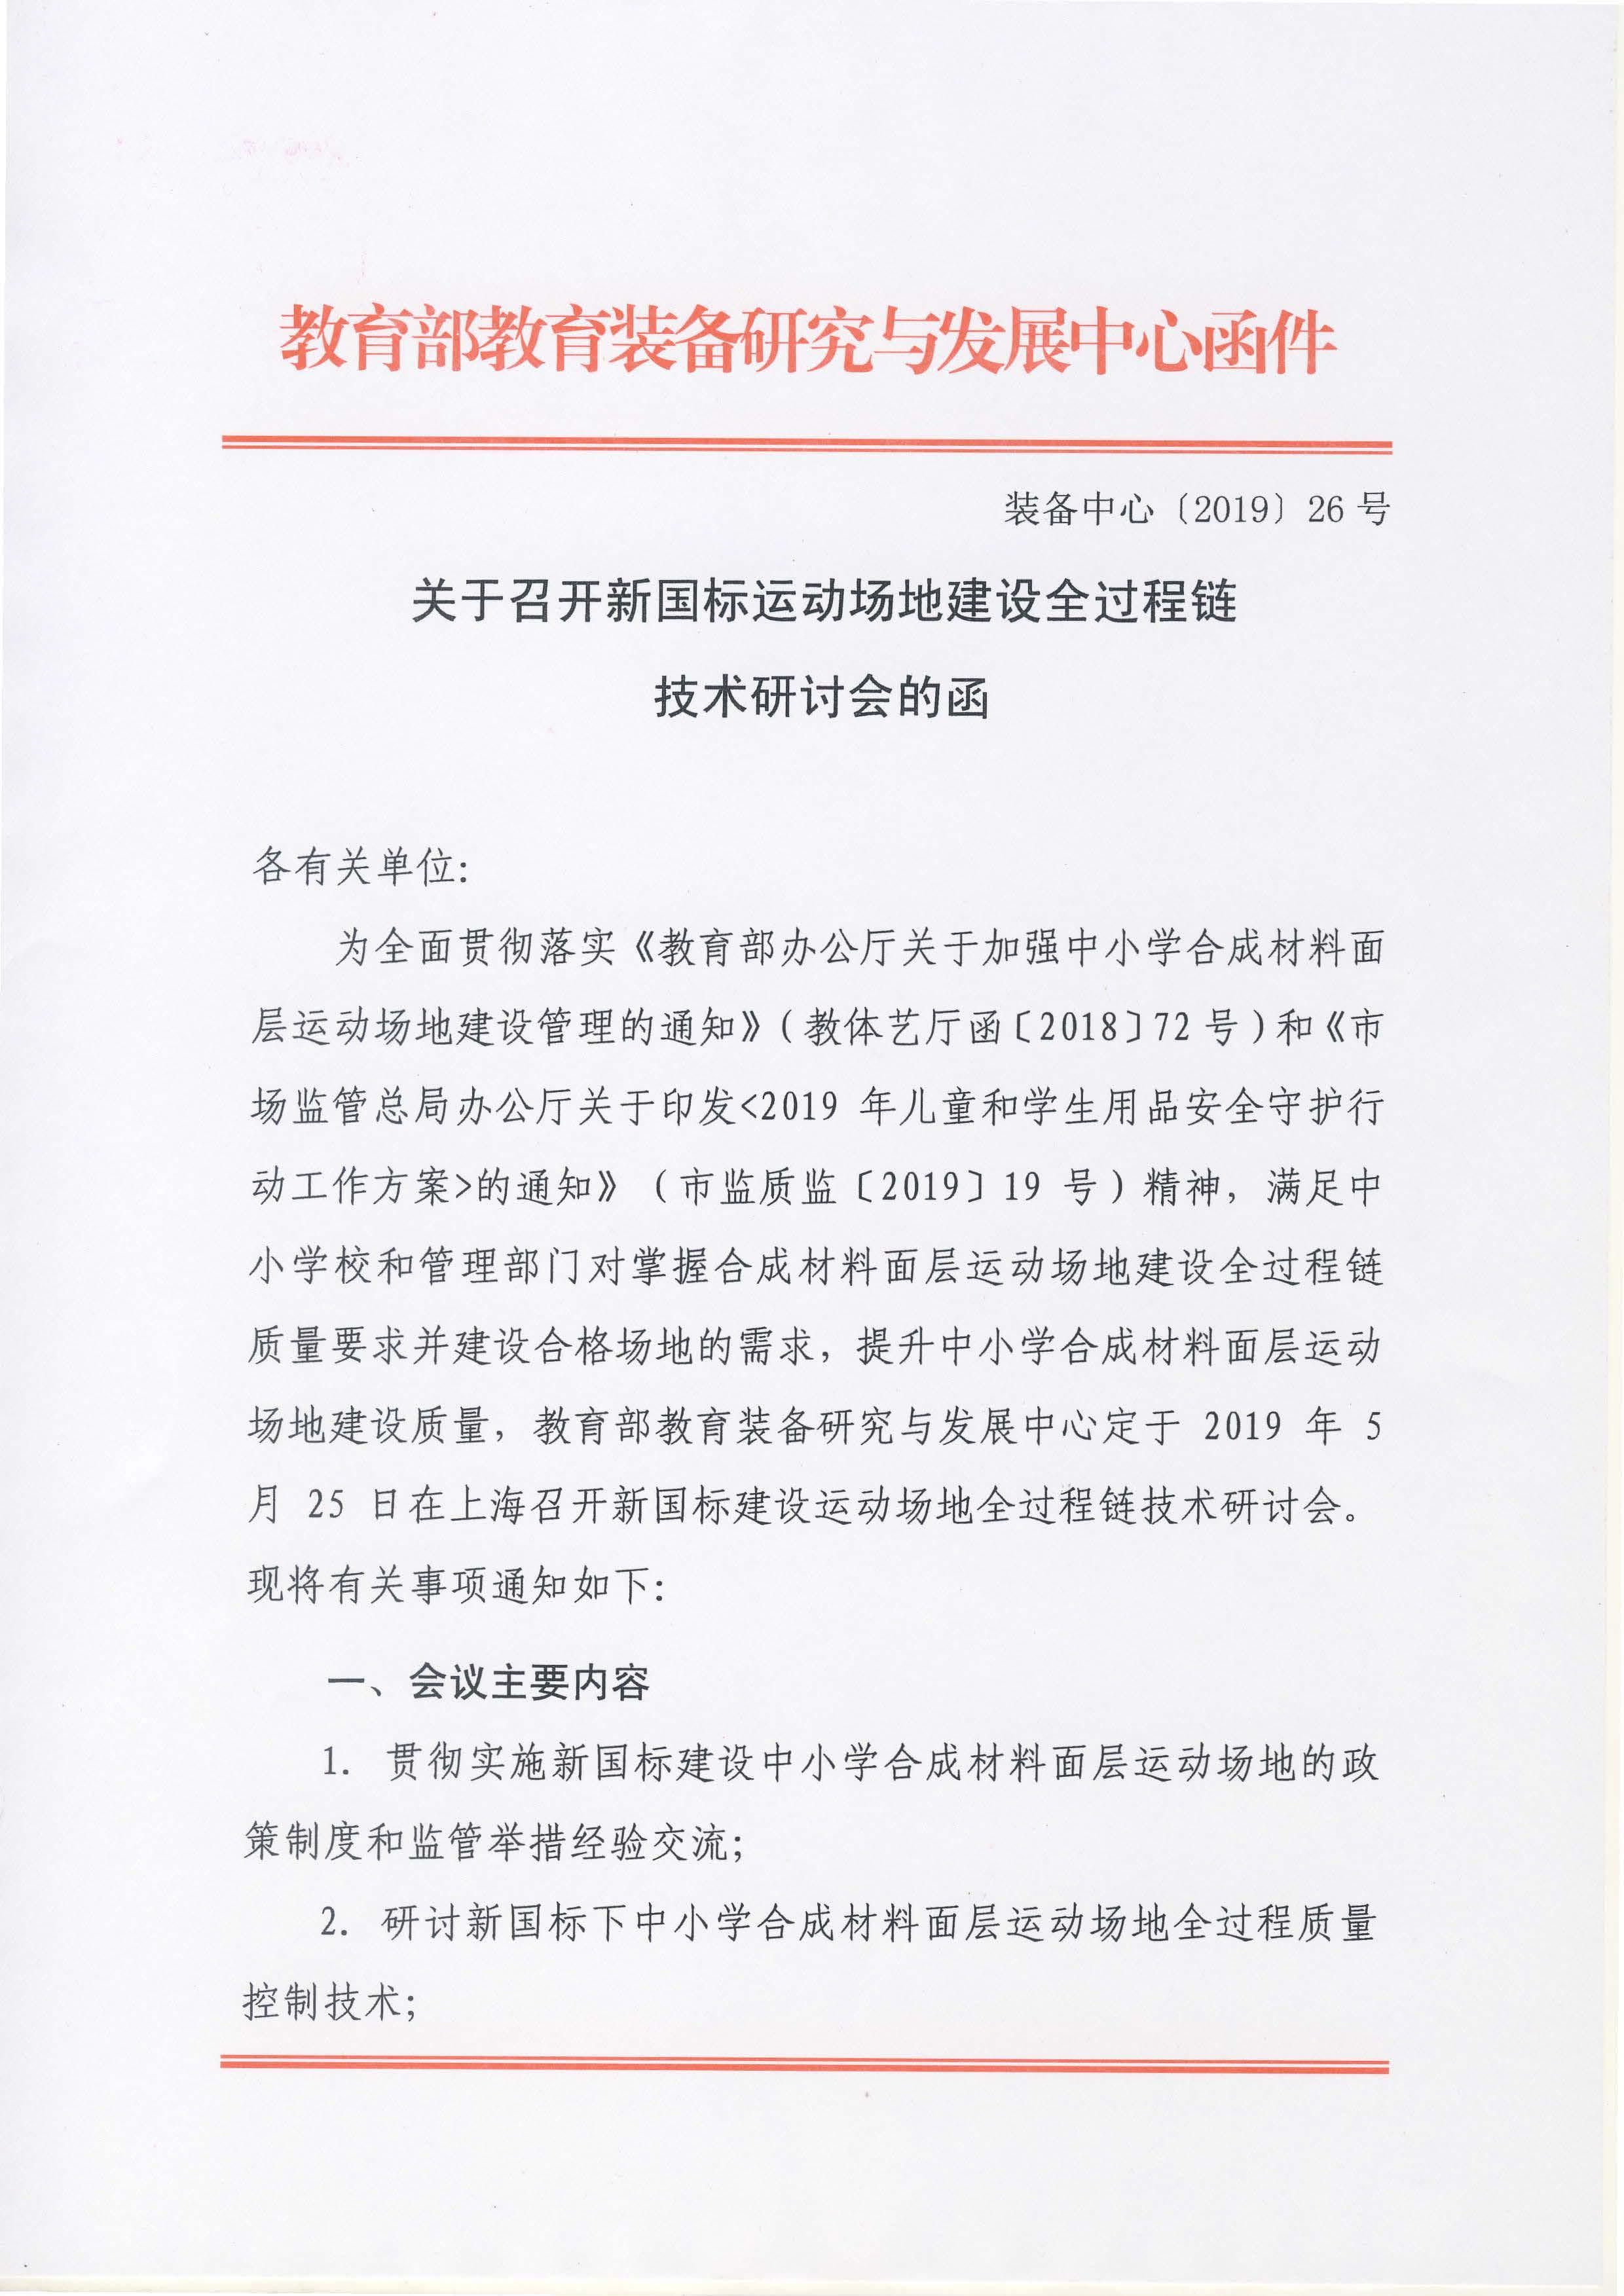 教育部装备中心会议通知:25号上海_页面_1